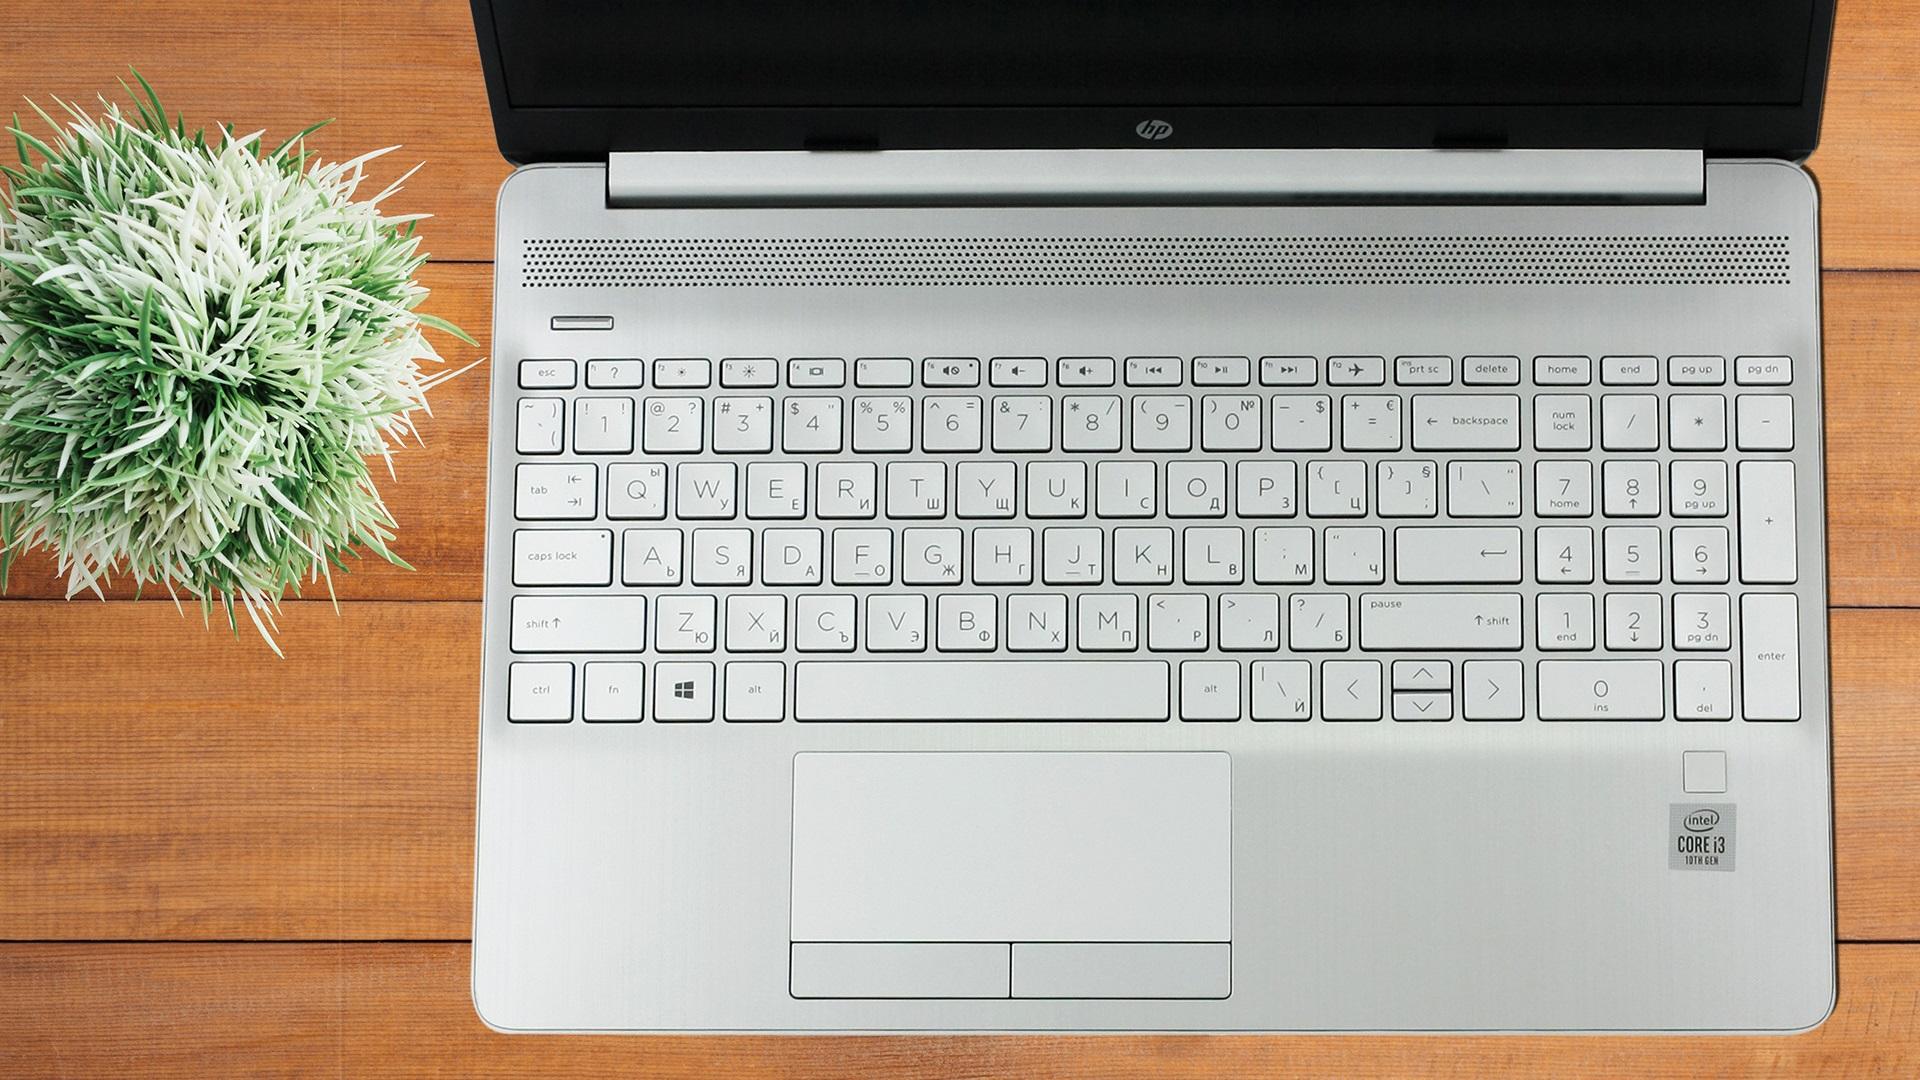 HP DW Laptops